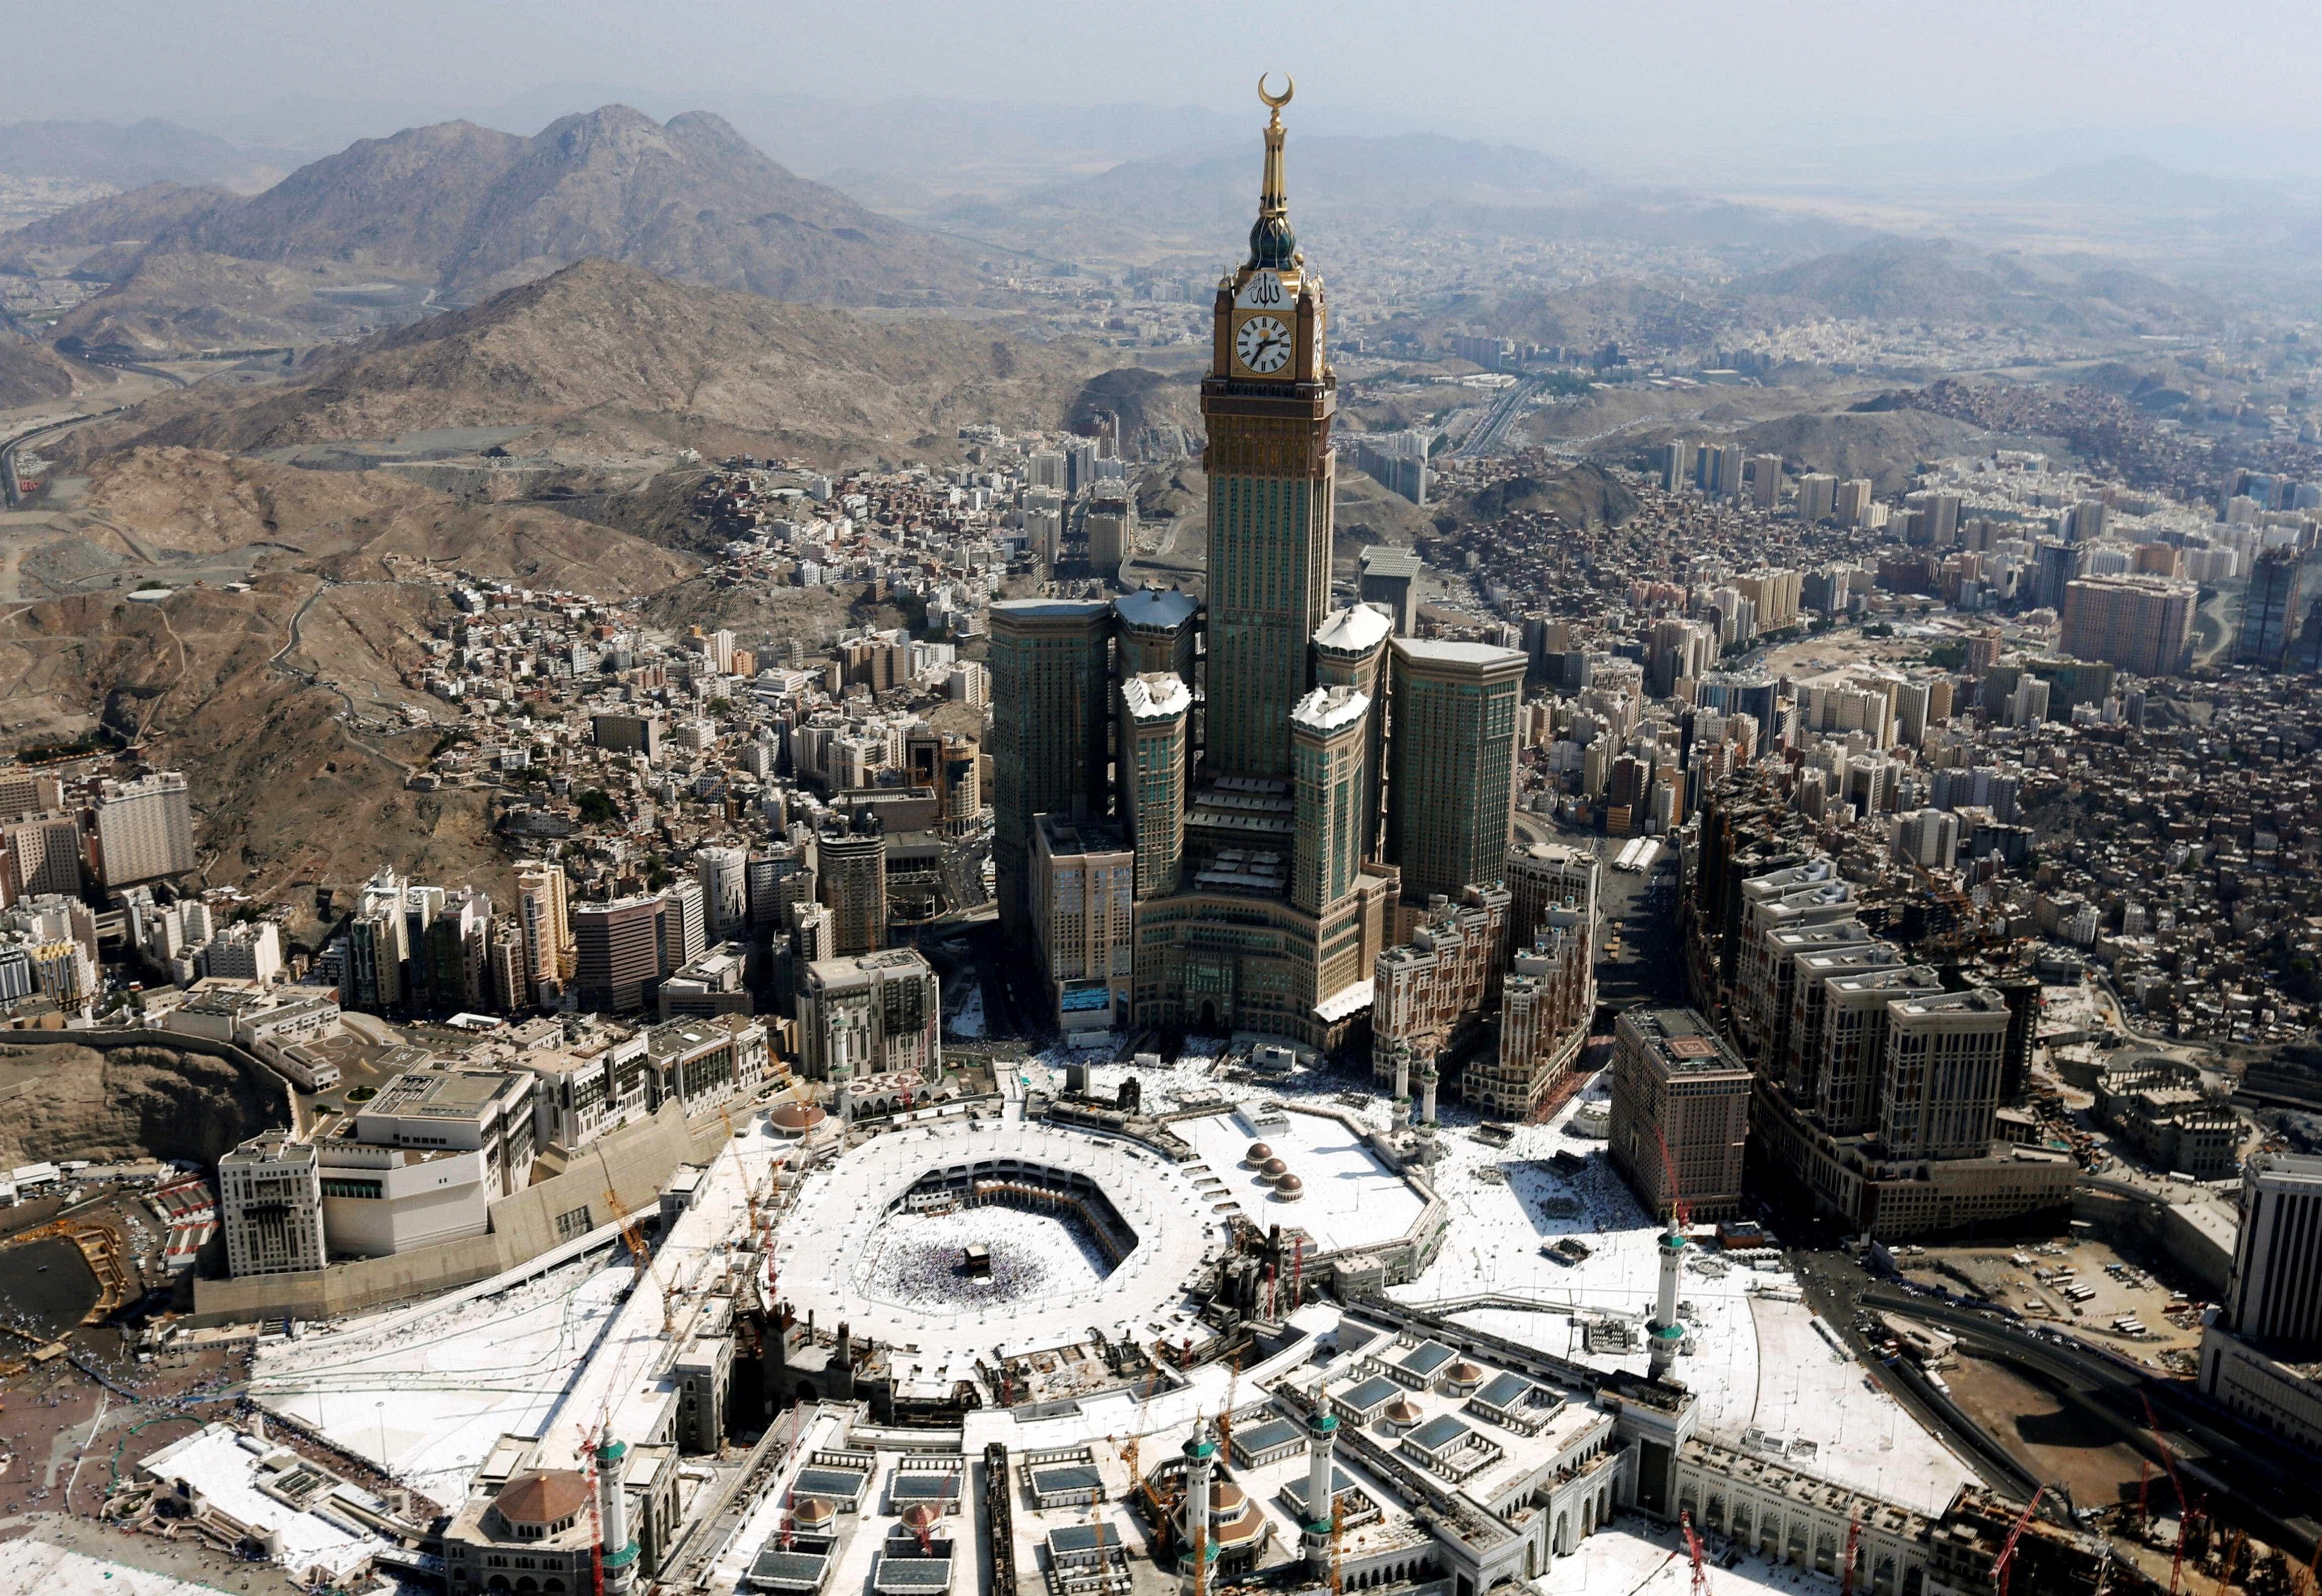 15º - Meca, Arábia Saudita